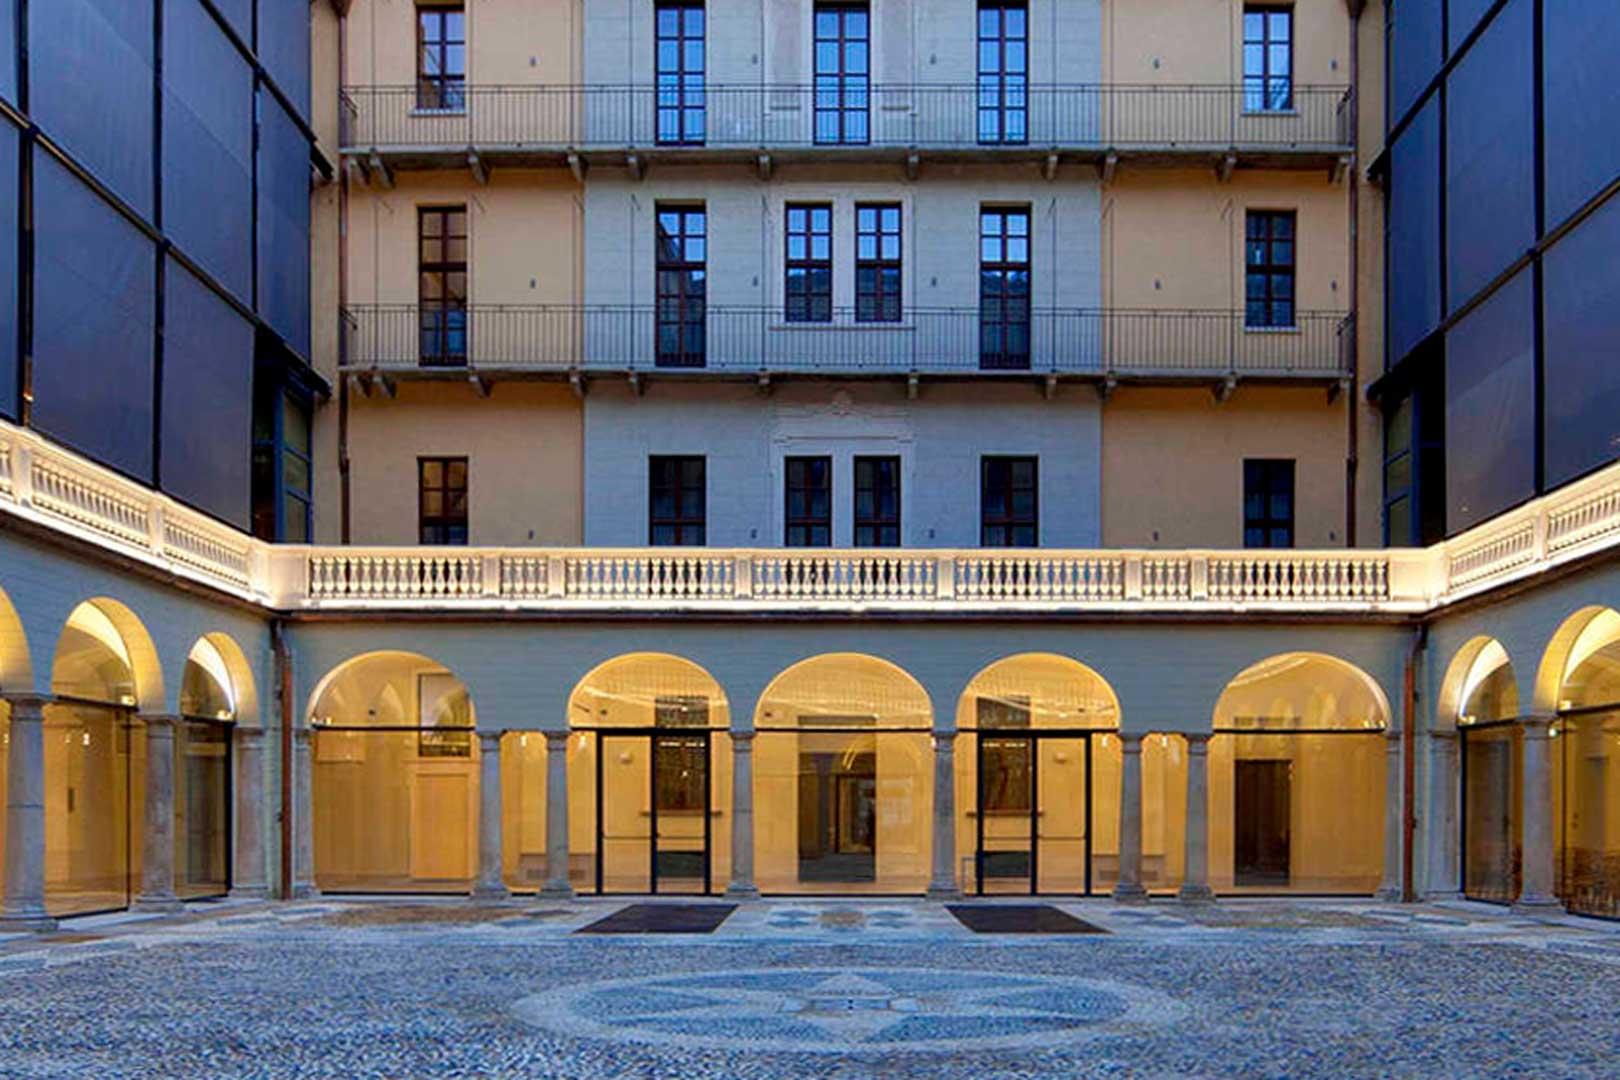 NH Hotel - Torino